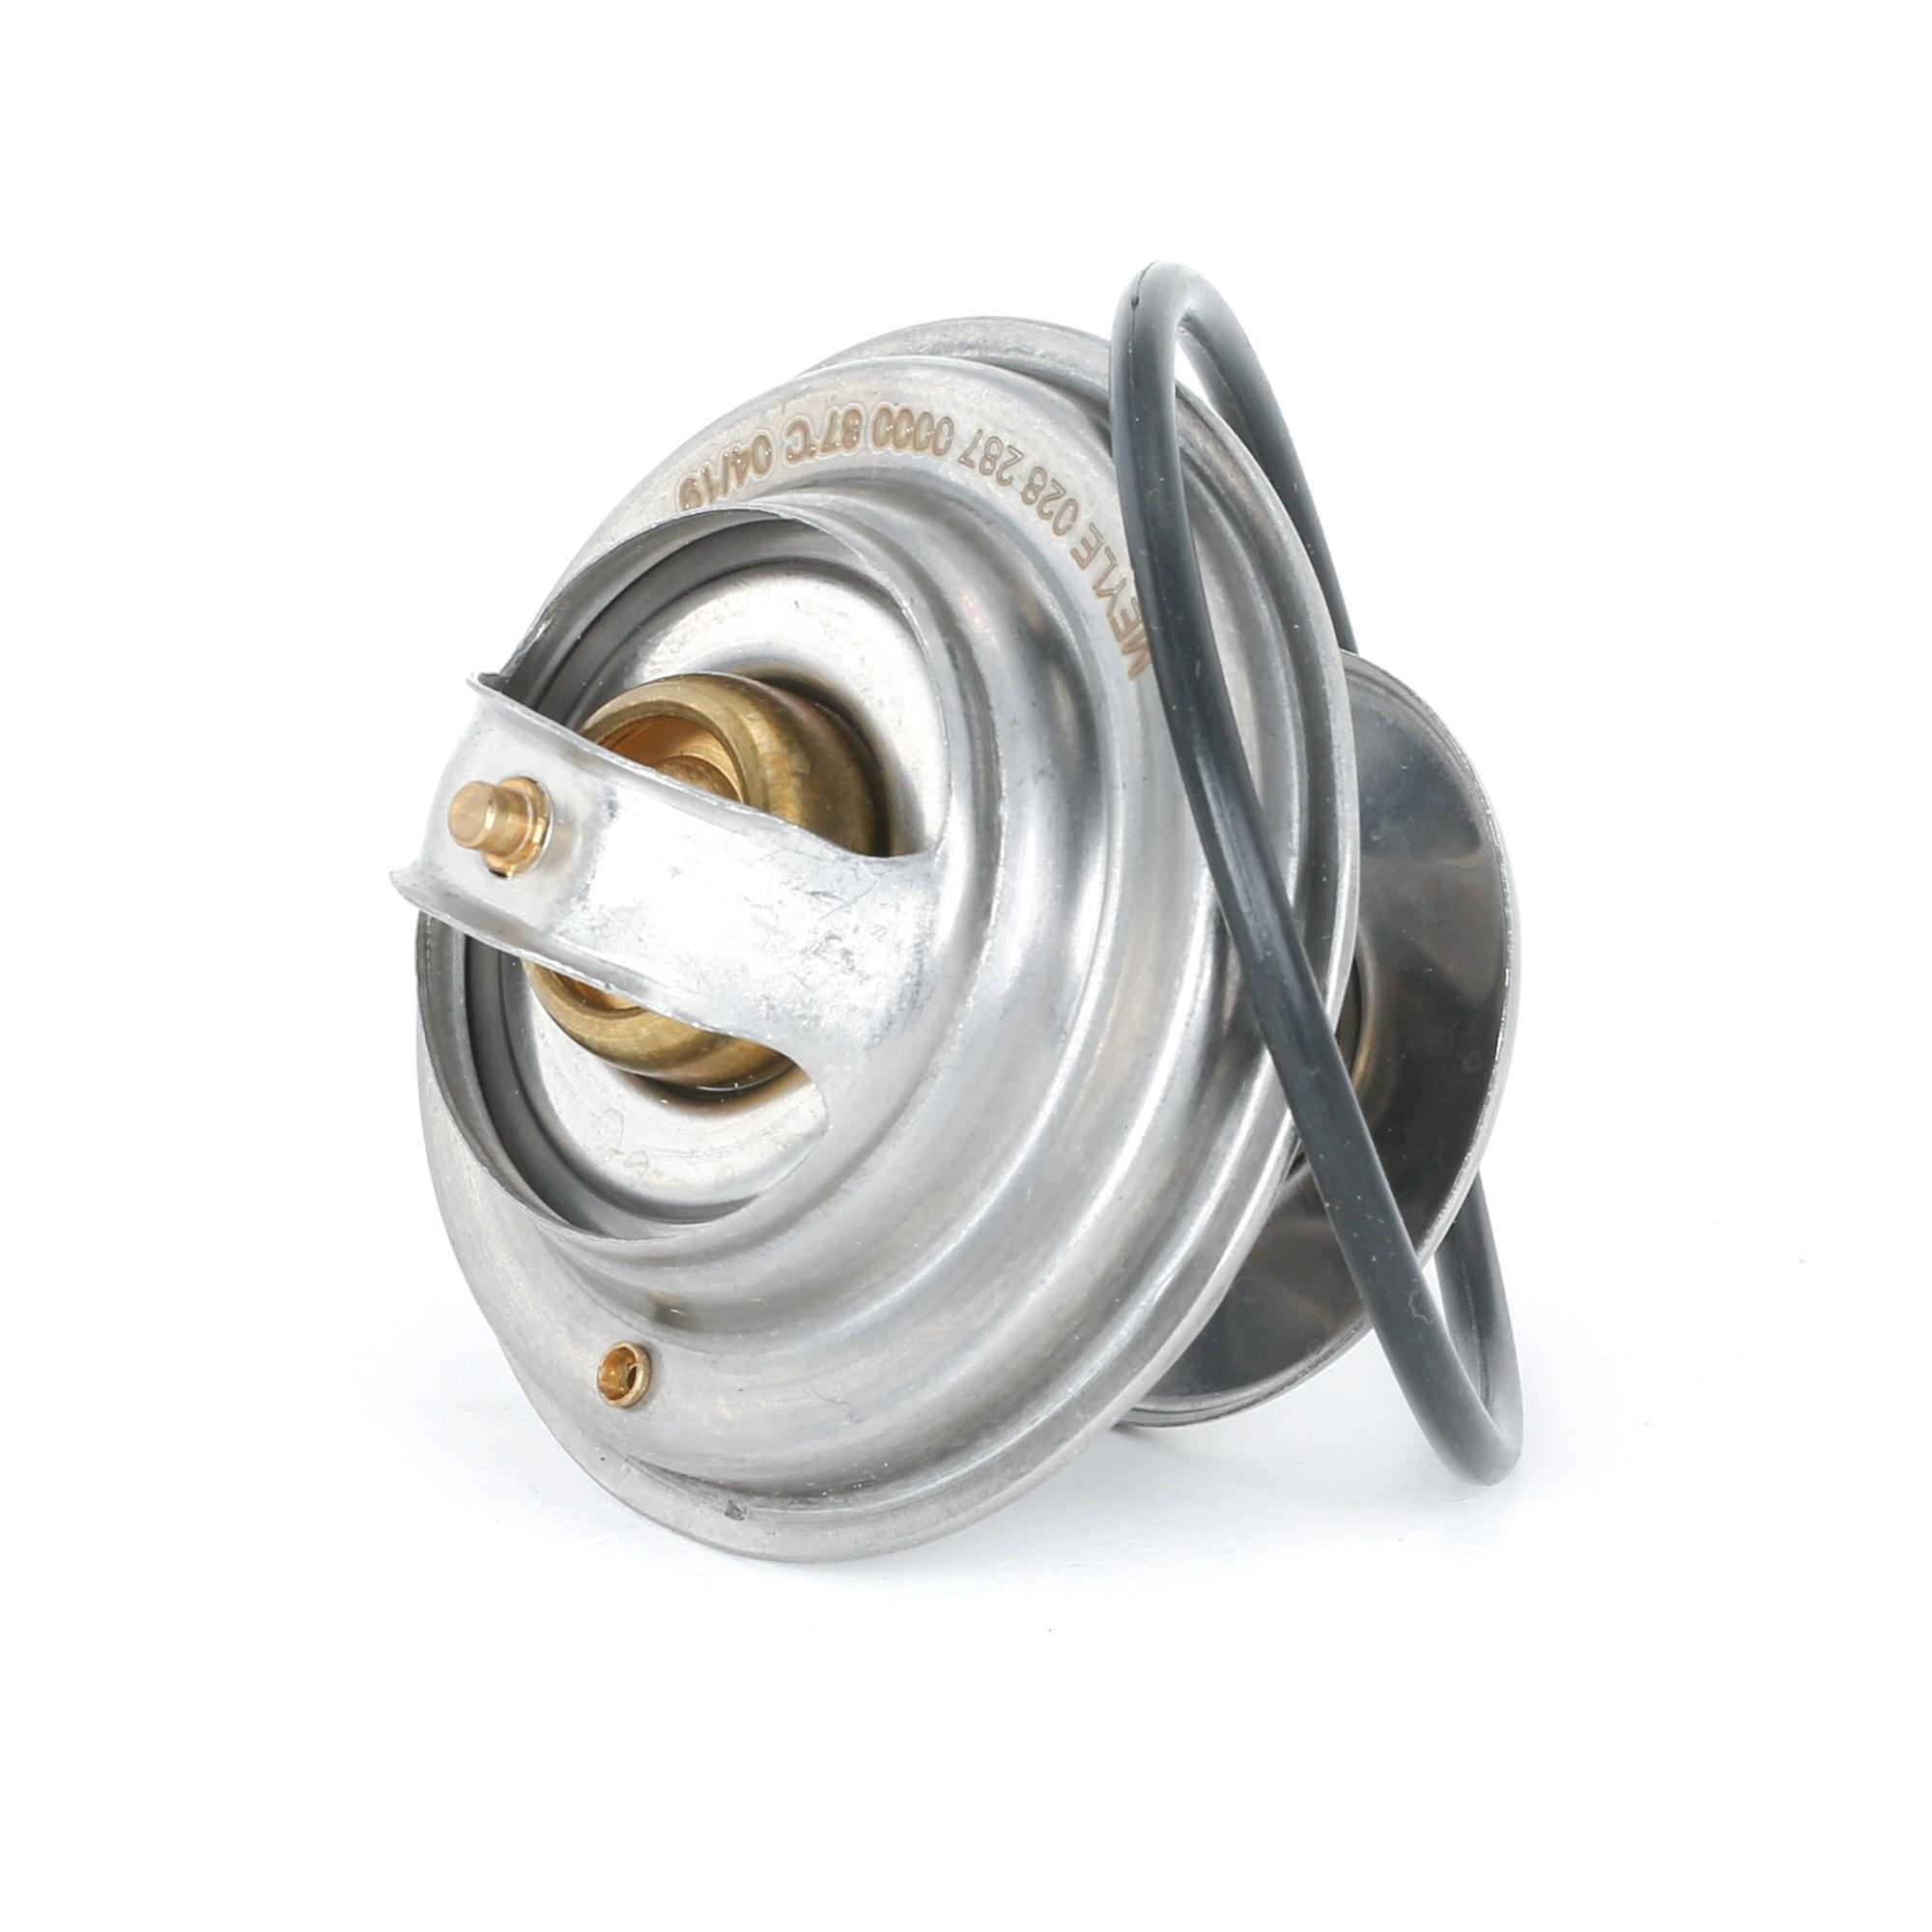 Engine Thermostat MEYLE 028 287 0000 rating